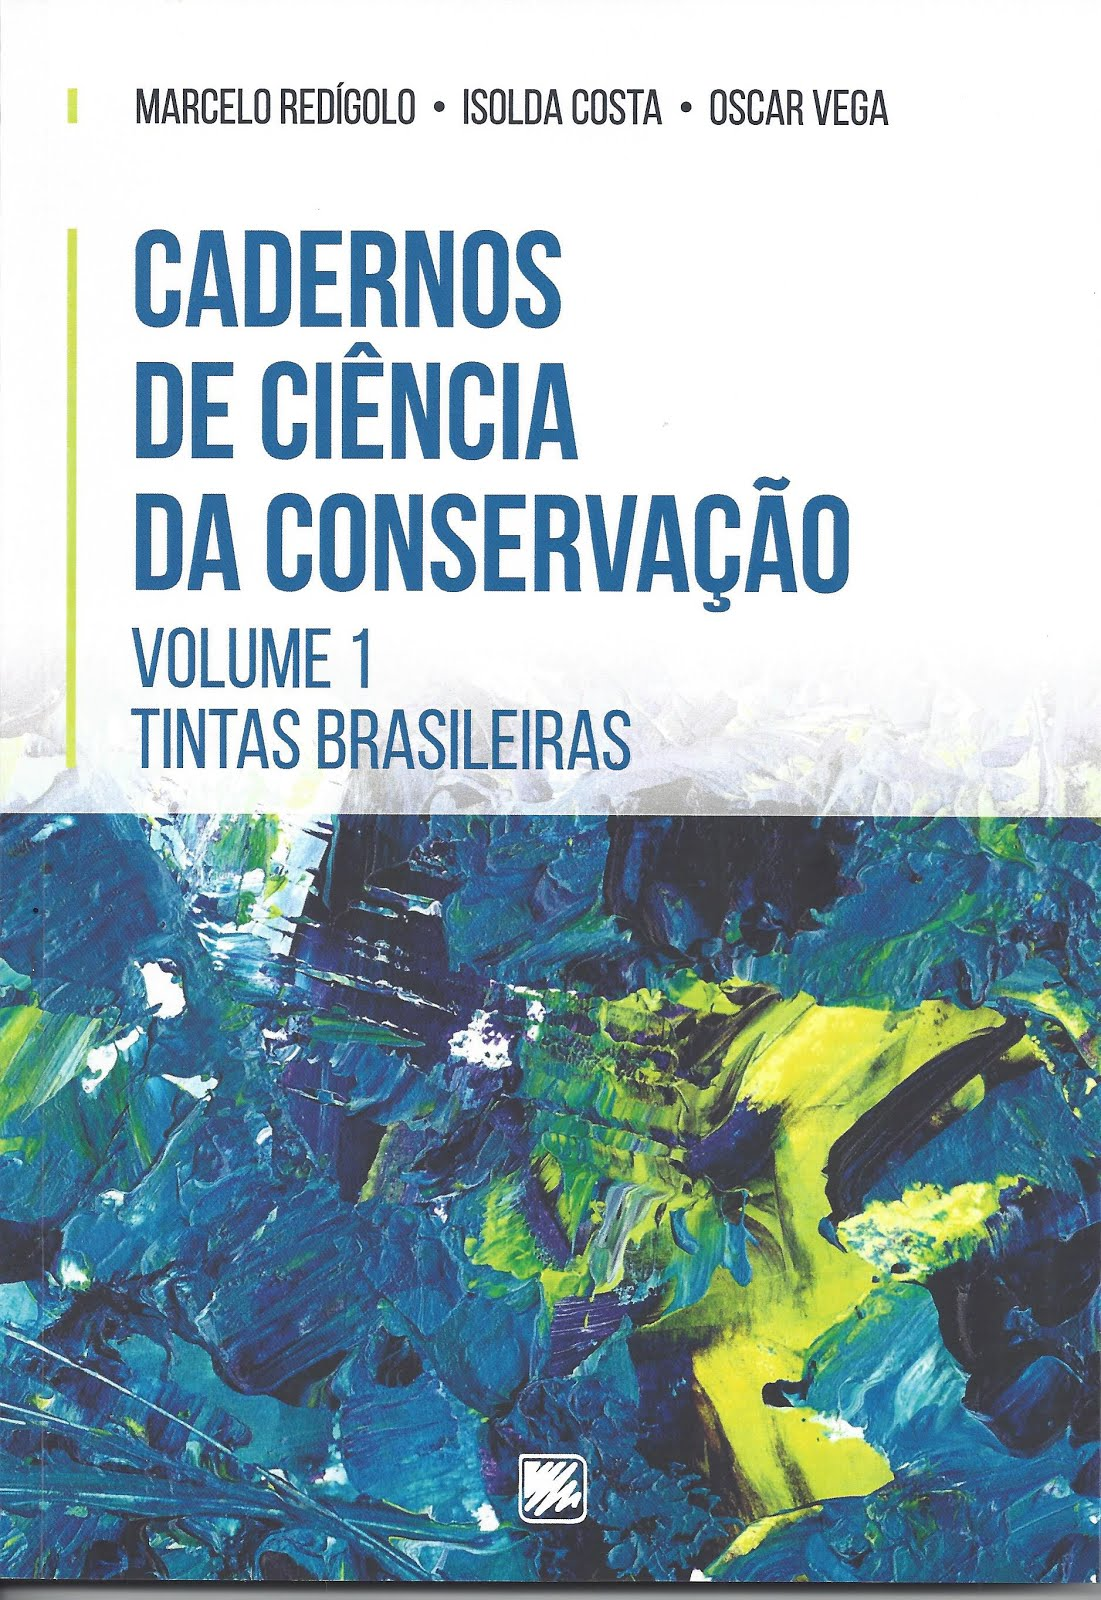 Cadernos de Ciência da Conservação